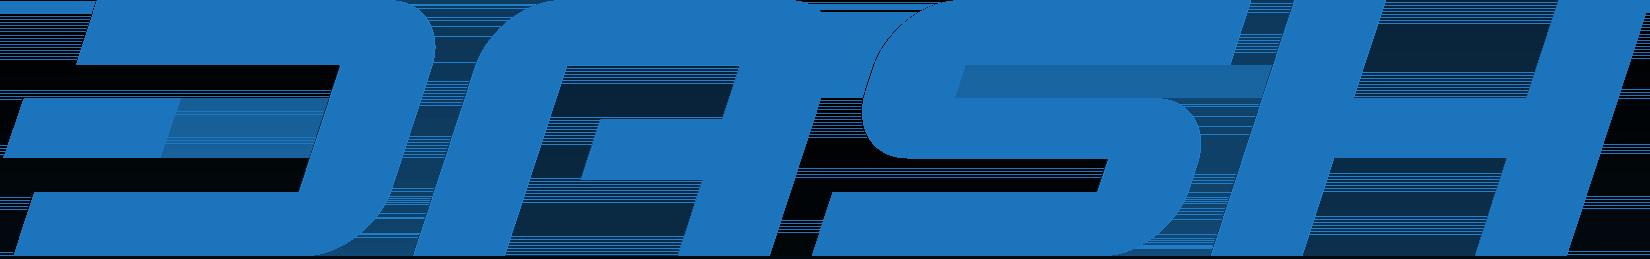 Dash Freewallet Logo